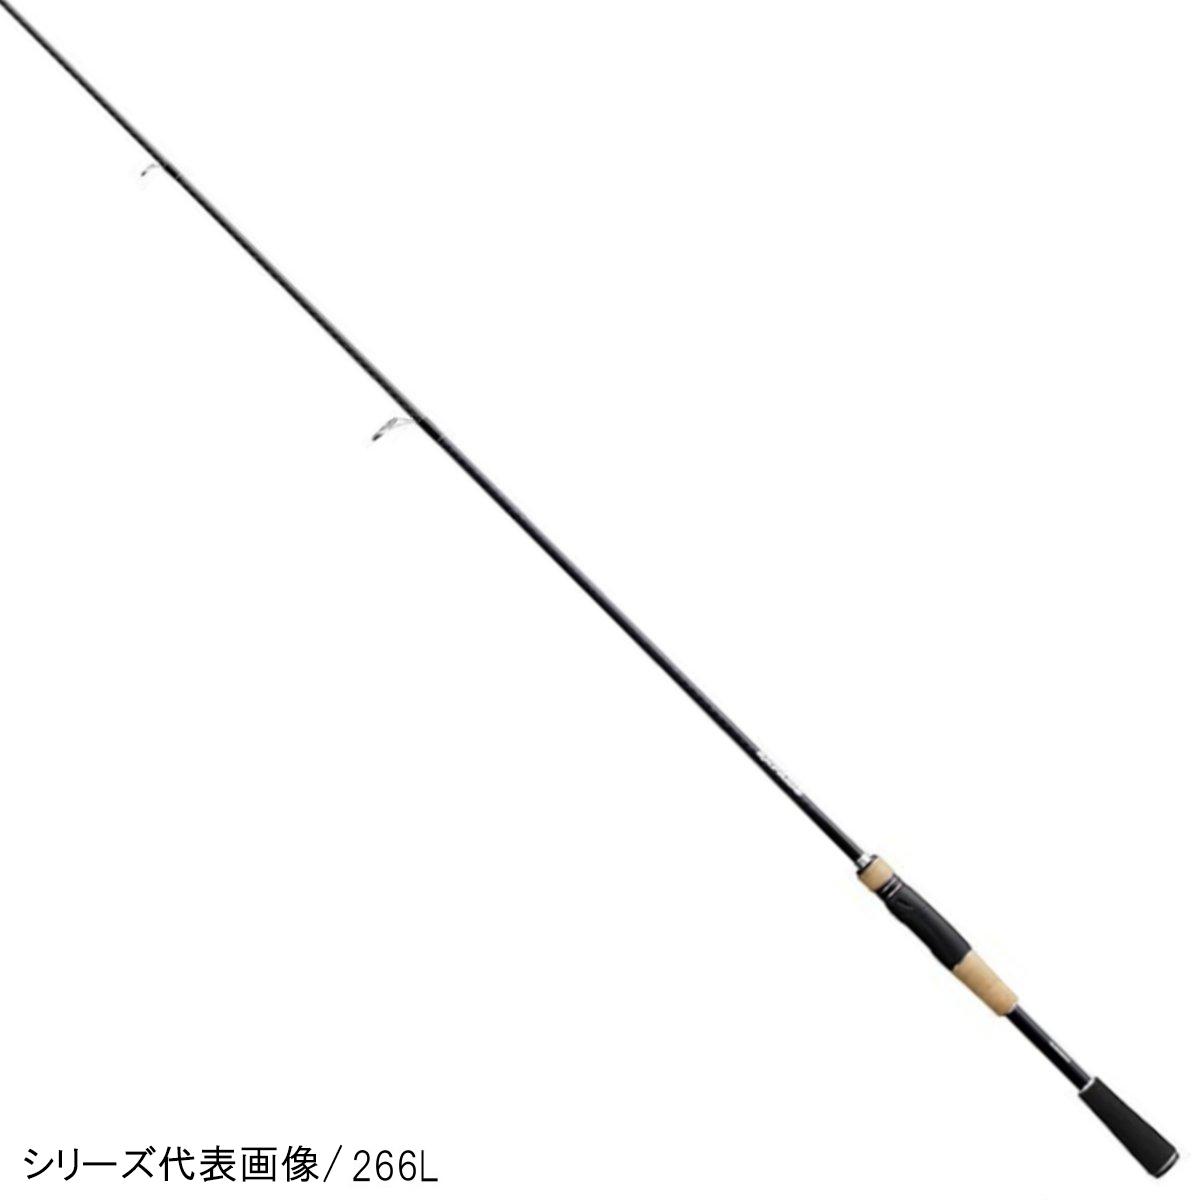 シマノ エクスプライド 265UL+【大型商品】